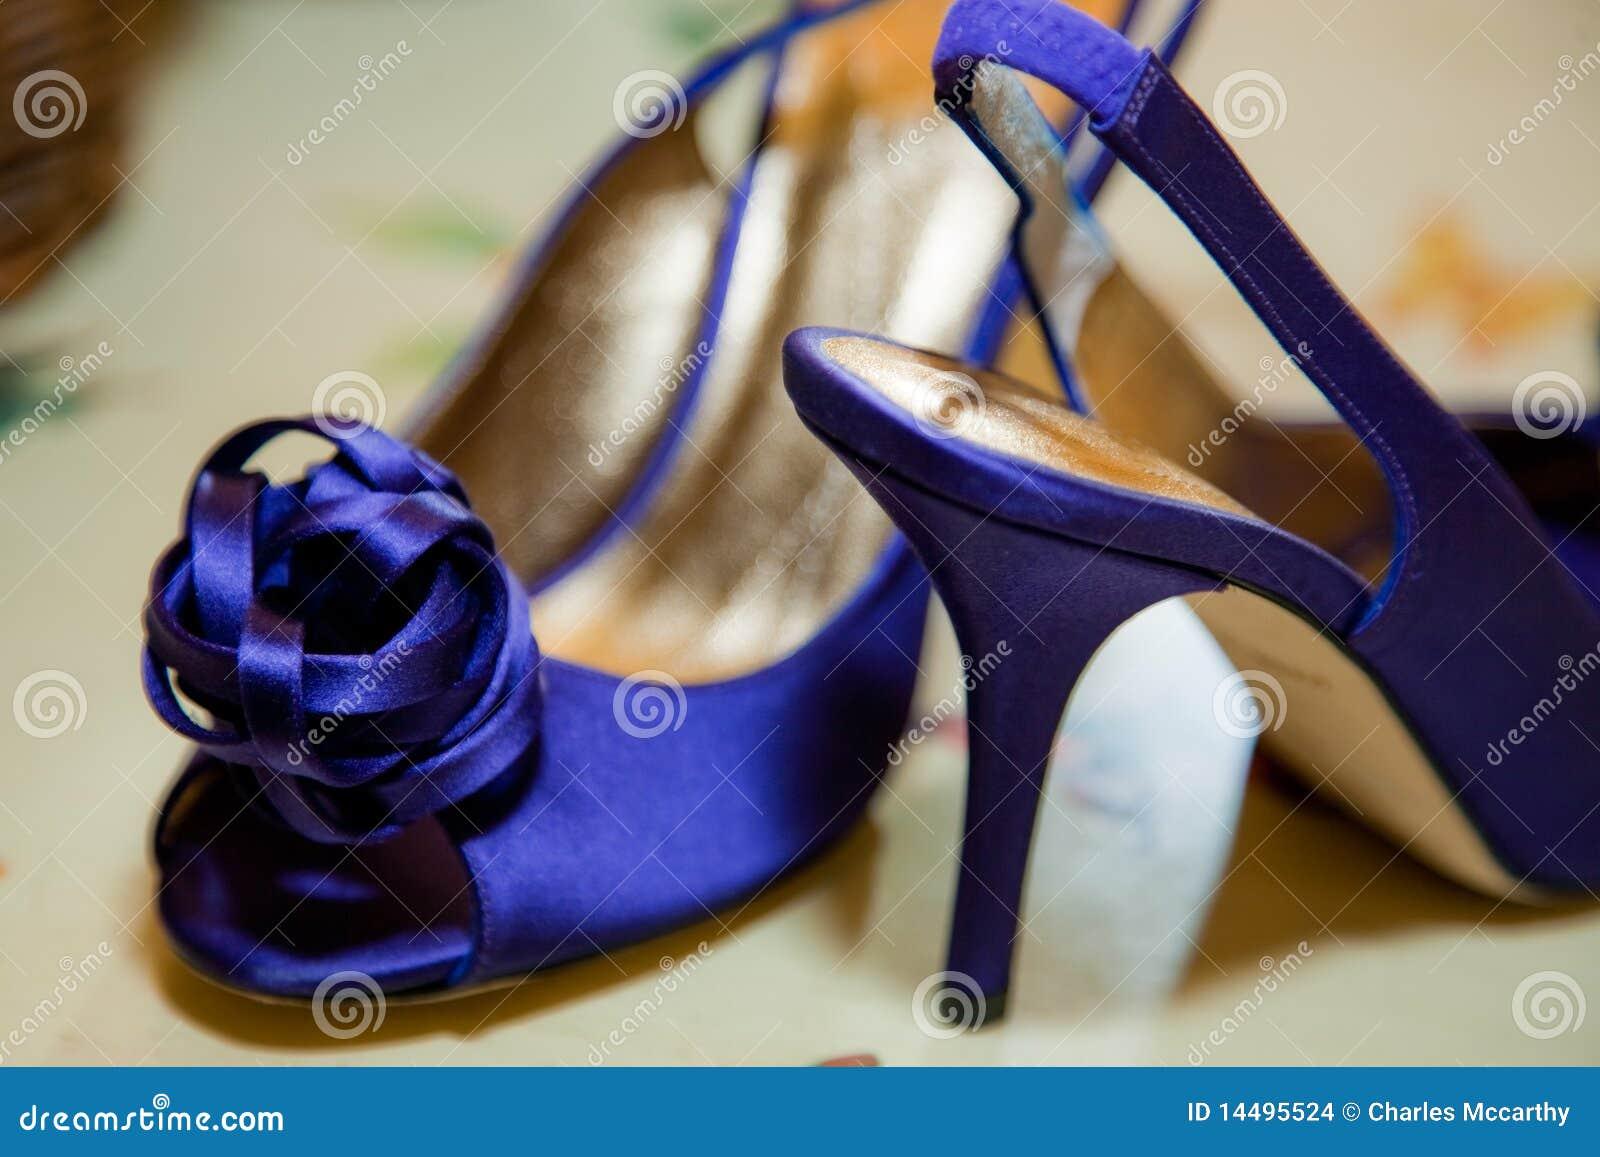 Heldere blauwe schoenen